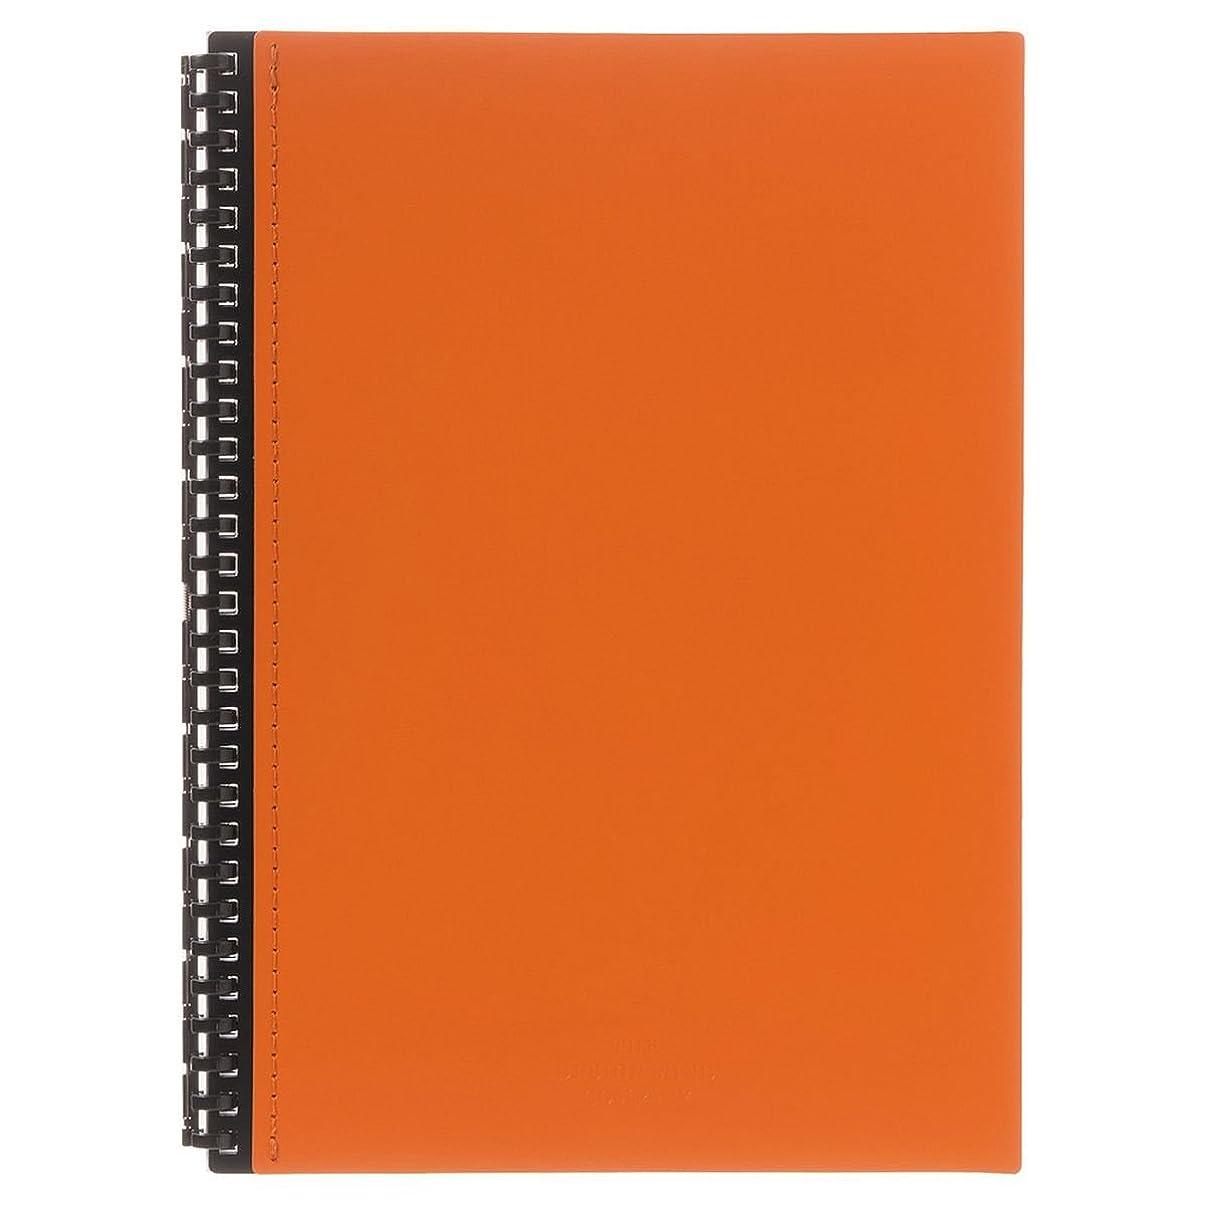 リヒトラブ ツイストリングノート レザーイメージ セミB5 29穴 橙 D1073-4 【まとめ買い3冊セット】